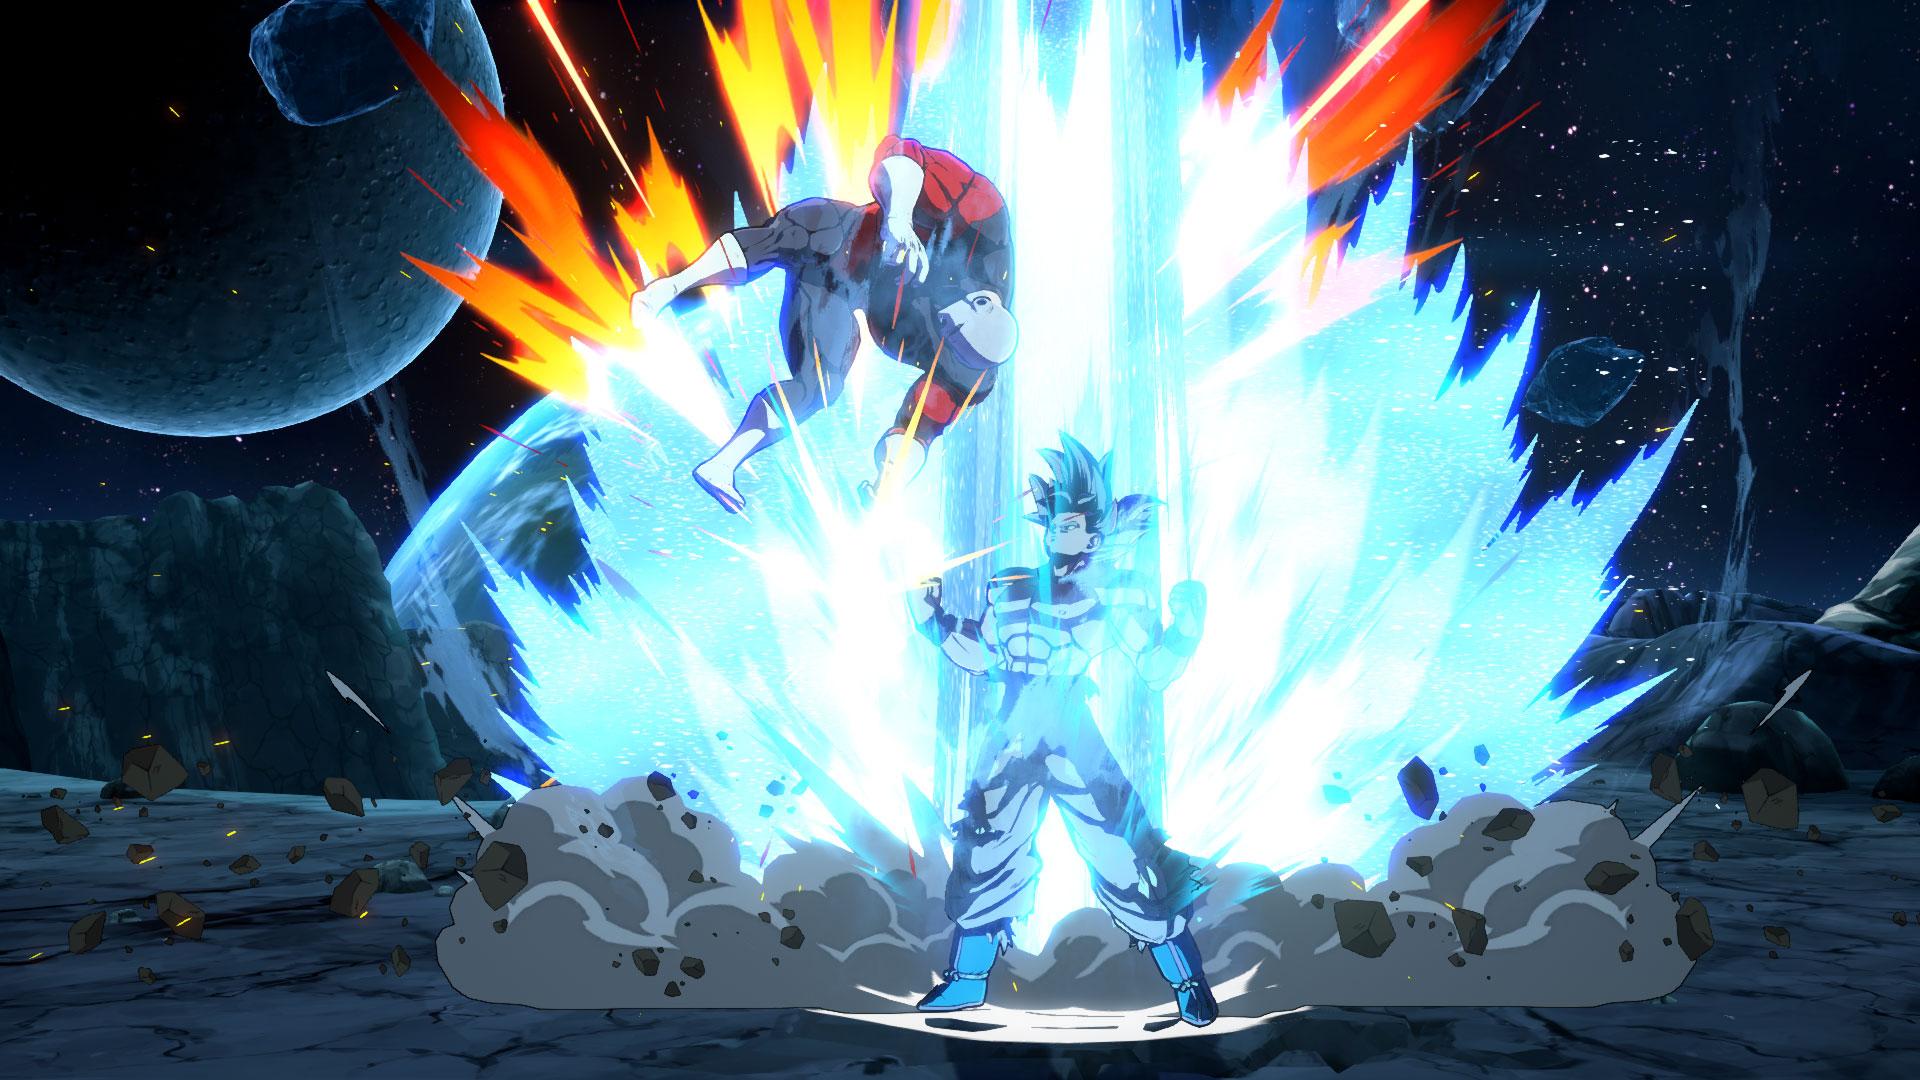 Dragon Ball FighterZ DLC Character Goku Ultra Instinct Screen 7